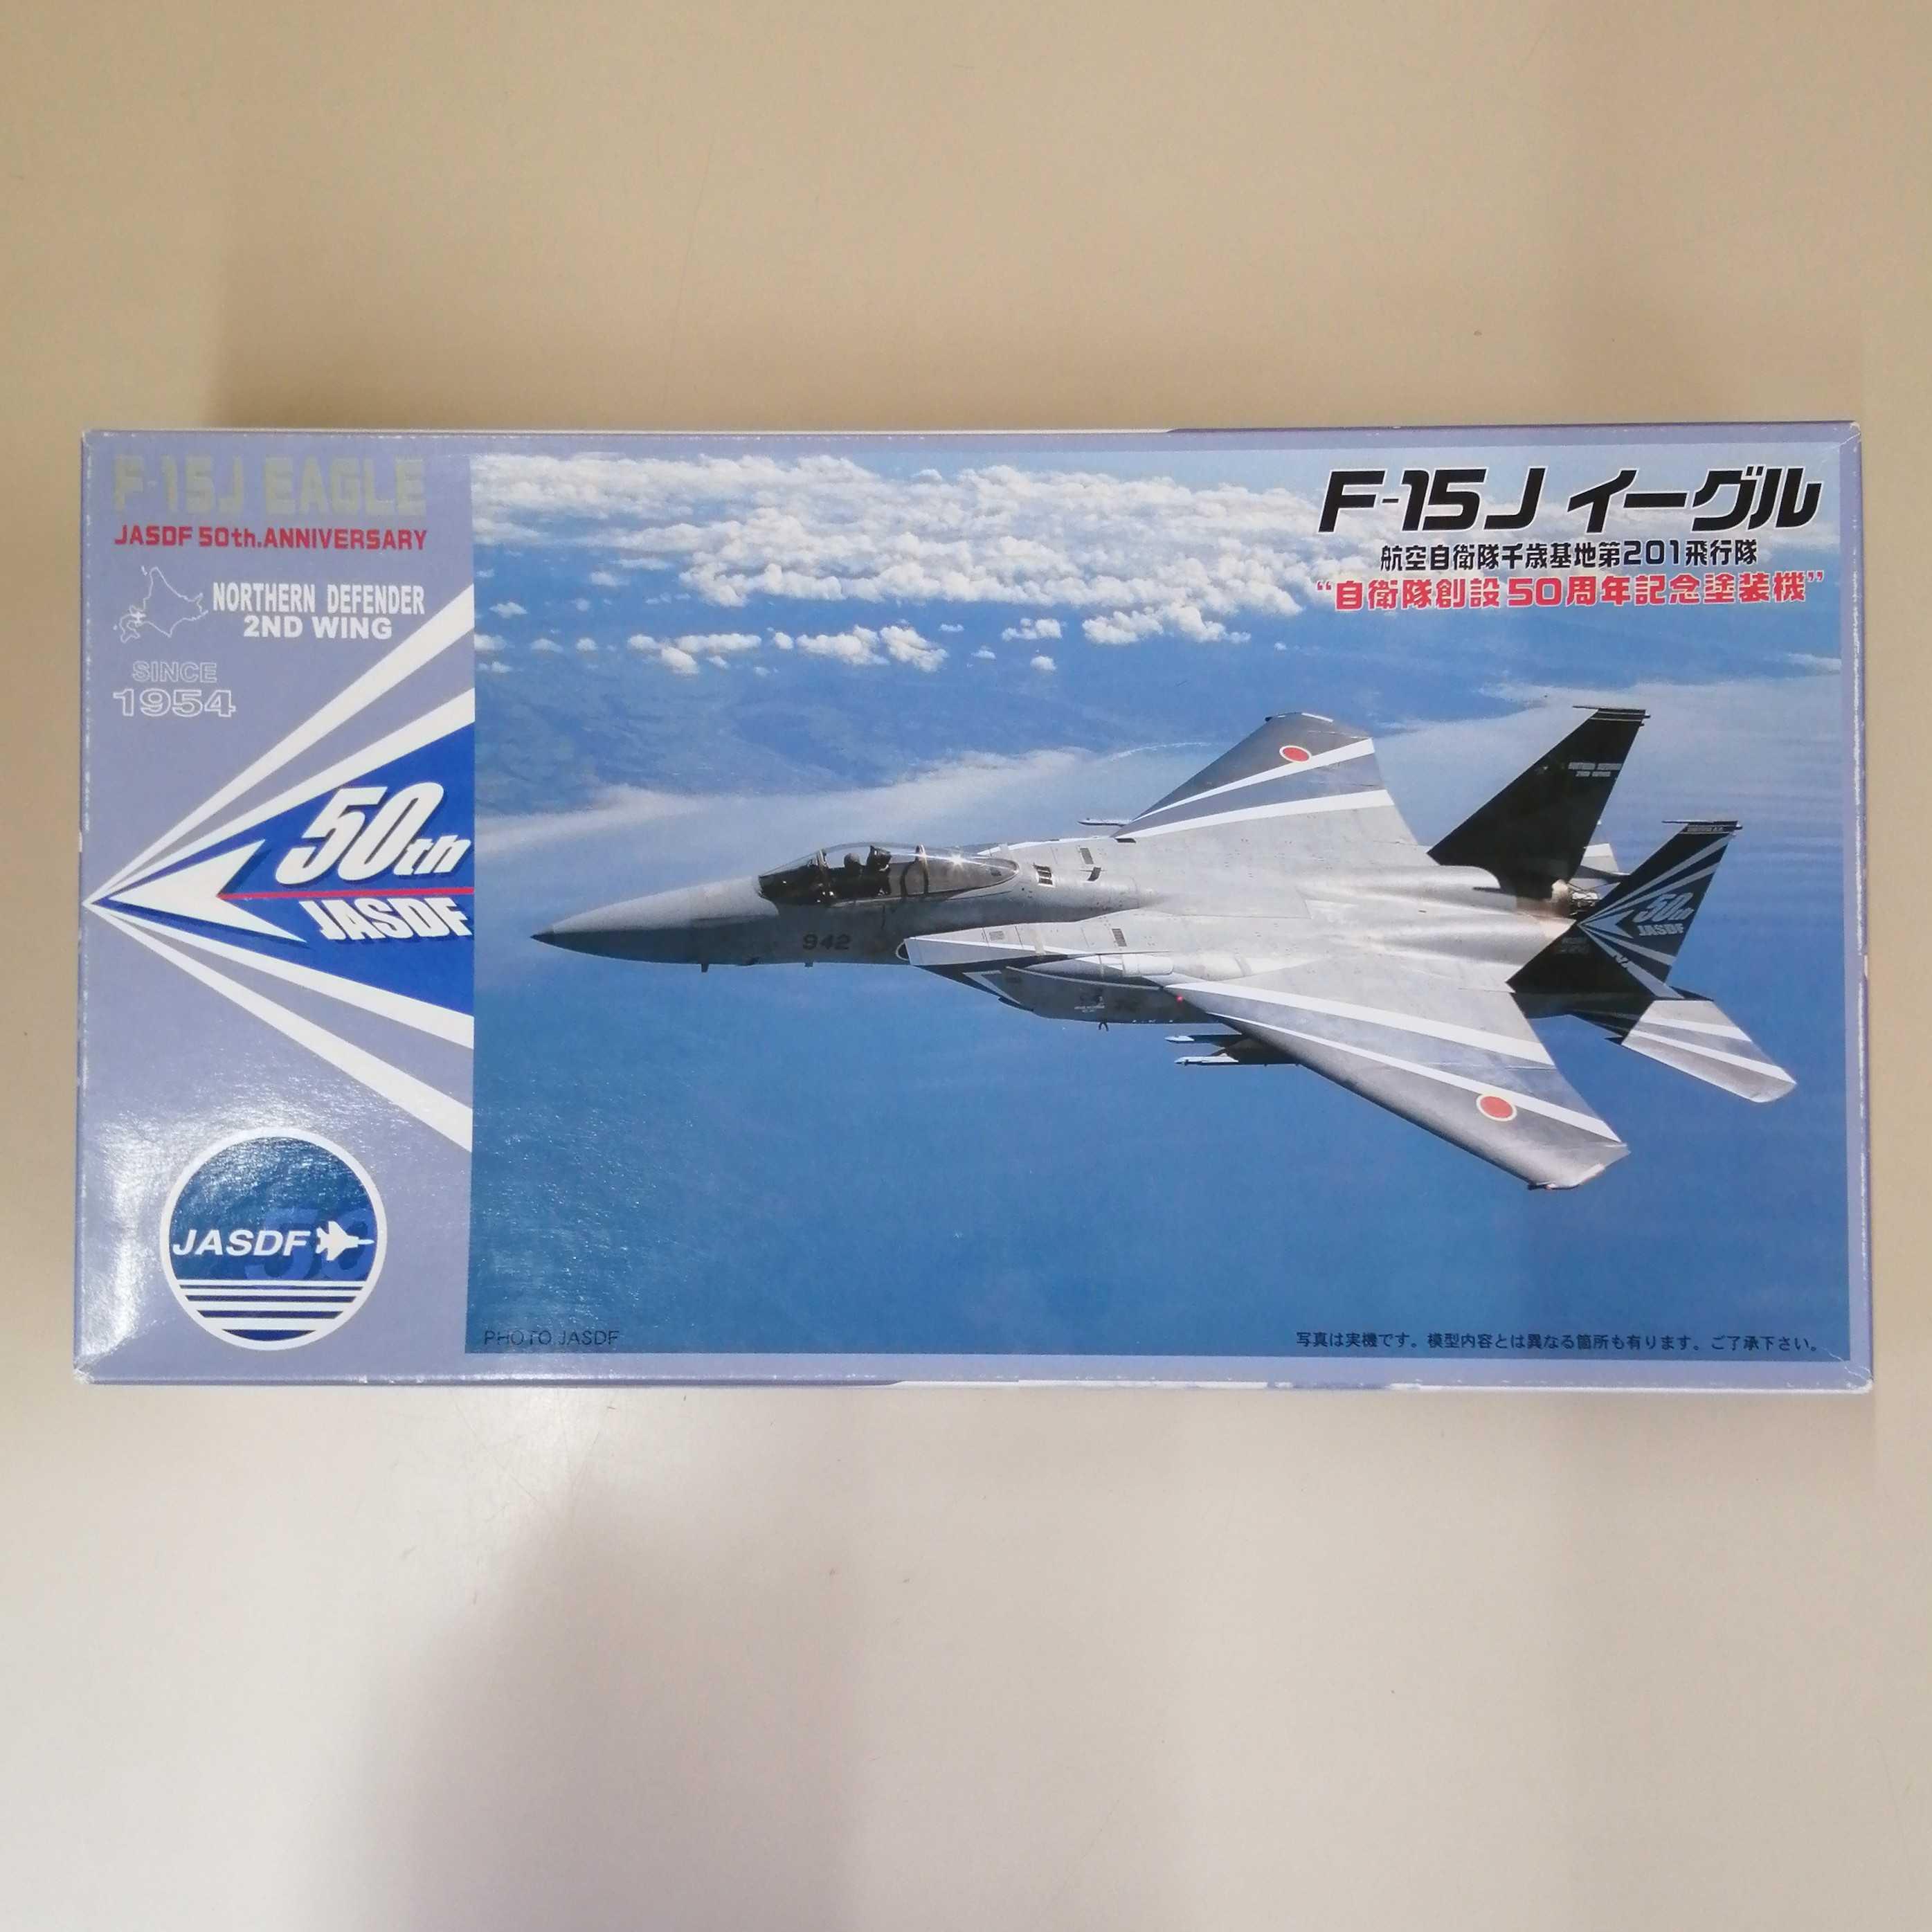 F-15 Jイーグル 航空自衛隊千歳基地第201飛行隊 FUJIMI